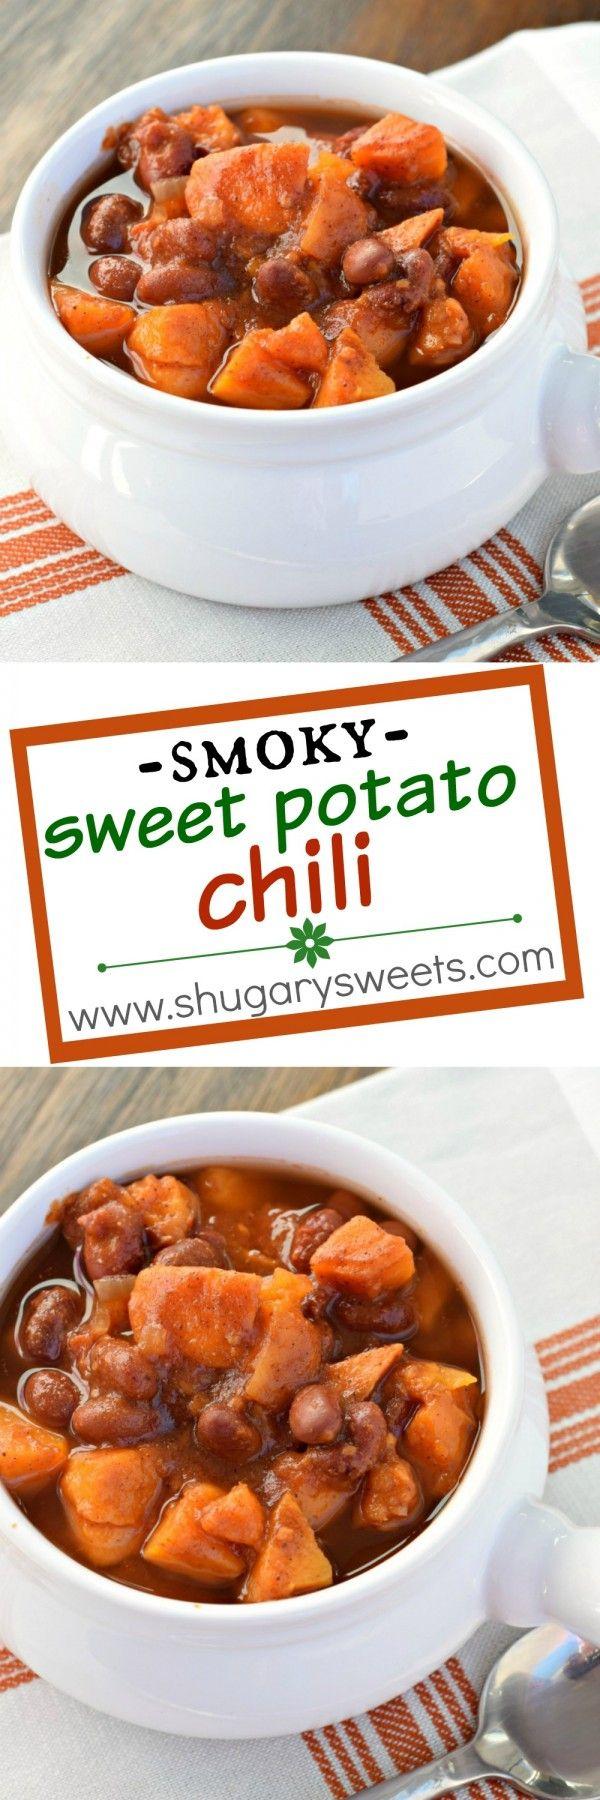 ... Chili on Pinterest | Sweet potato soup, Crock pot chili and Ground